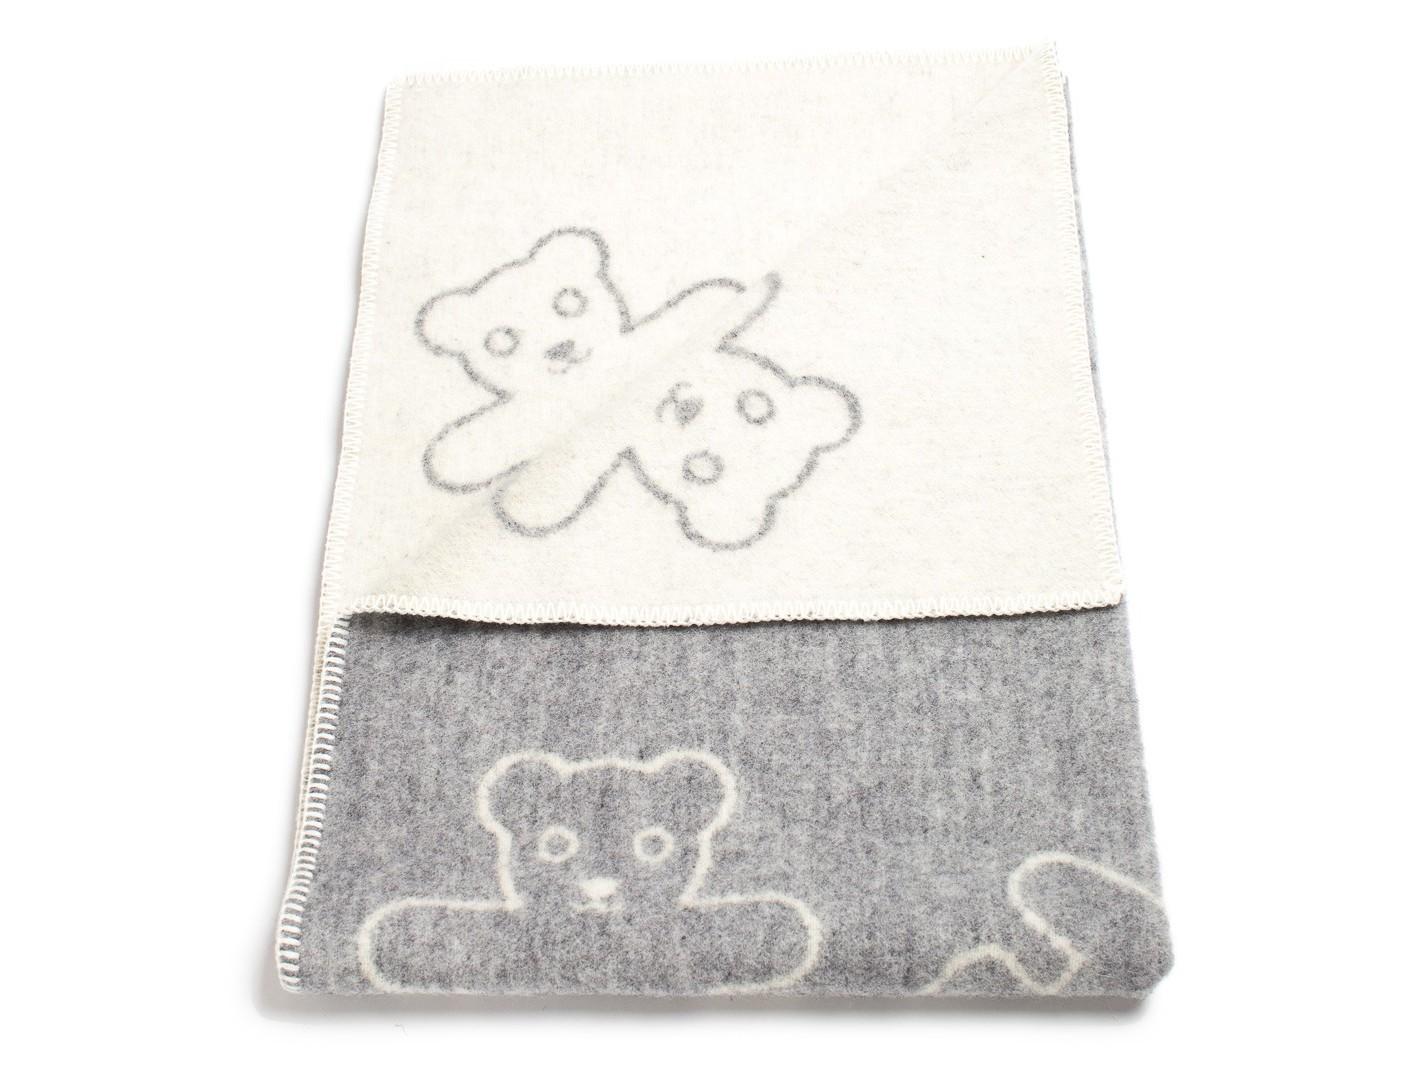 Плед Teddy GreyШерстяные пледы<br>Уютный детский плед с рисунком &amp;quot;Мишки&amp;quot;. Одна сторона - серая, вторая - кремовая. Теплое, натуральное шерстяное одеяло для Вашего малыша!<br><br>Material: Шерсть<br>Ширина см: 90